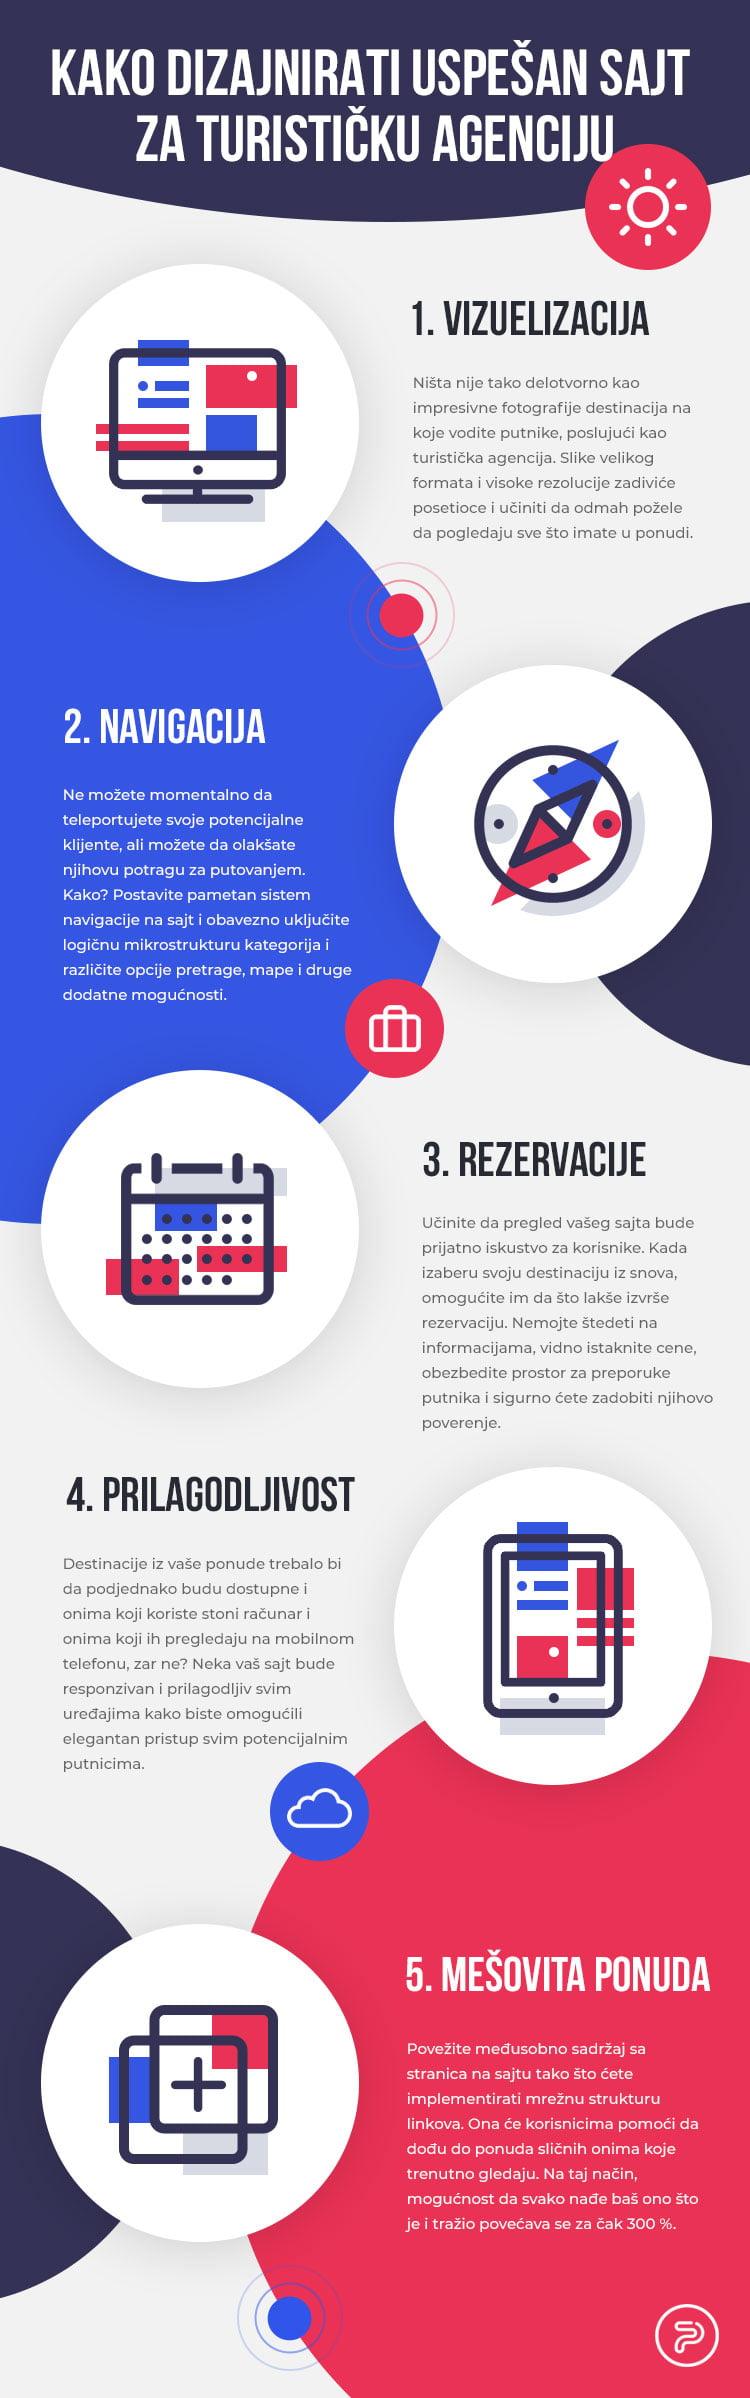 infografika sajta za turisticku agenciju